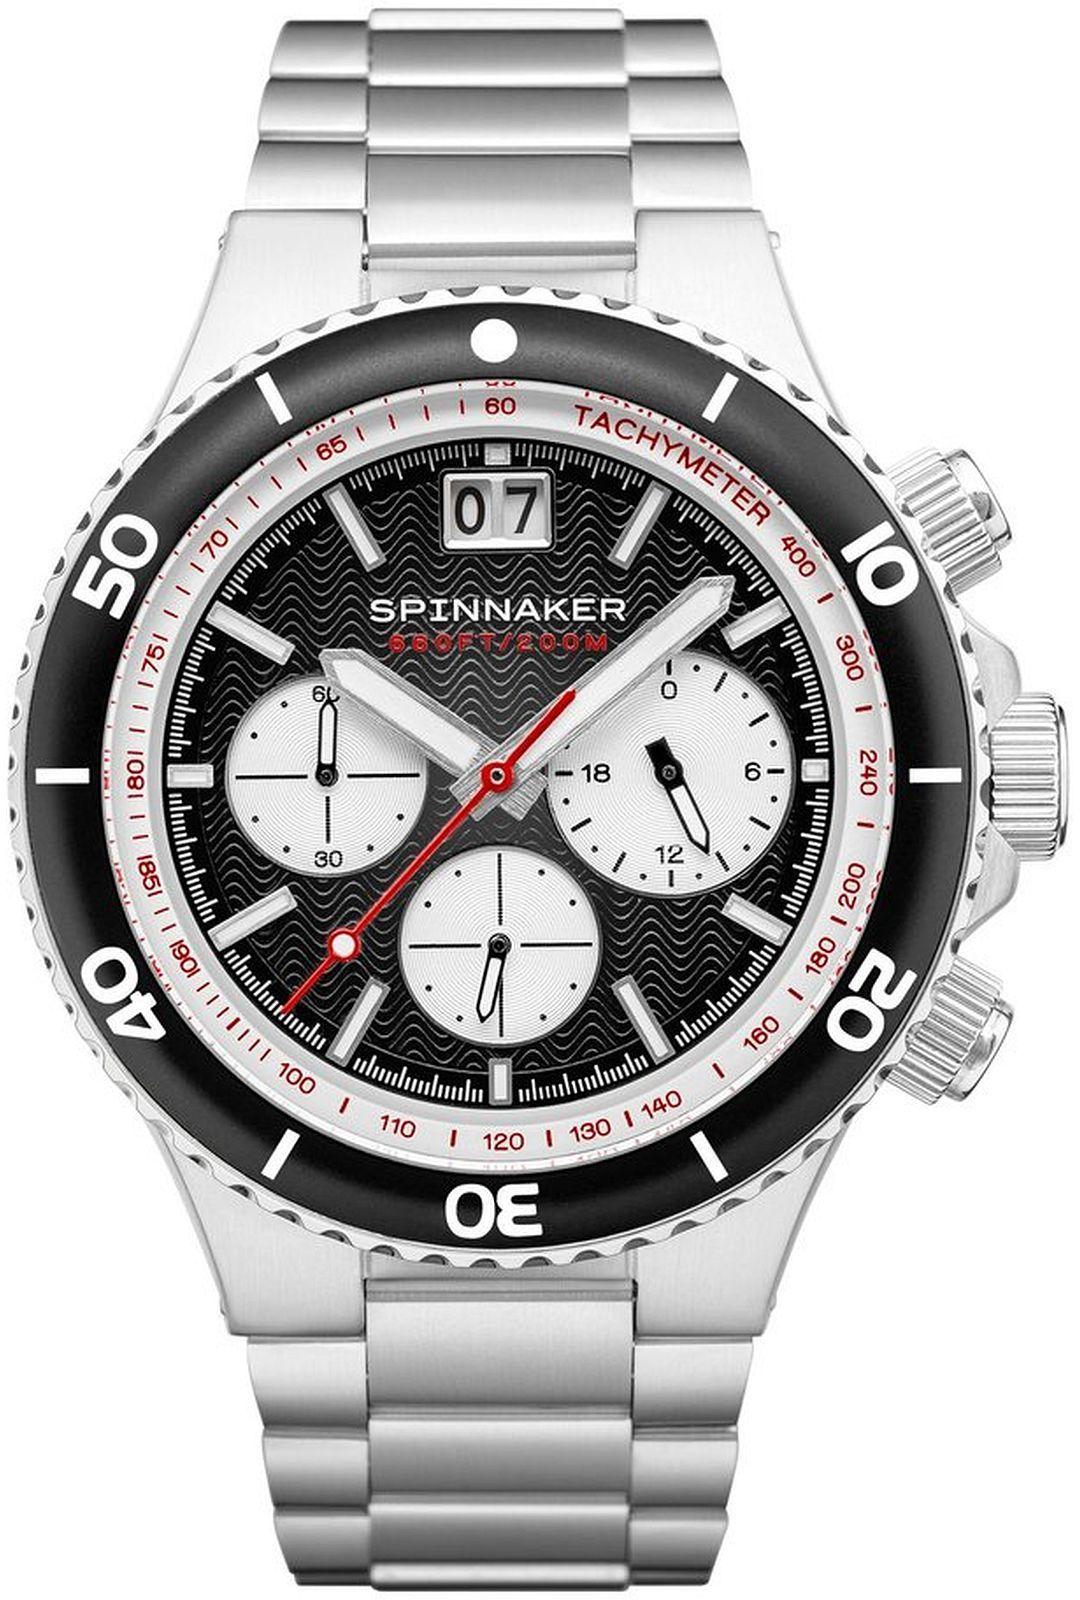 Spinnaker SP-5086-11 > Wysyłka tego samego dnia Grawer 0zł Darmowa dostawa Kurierem/Inpost Darmowy zwrot przez 100 DNI